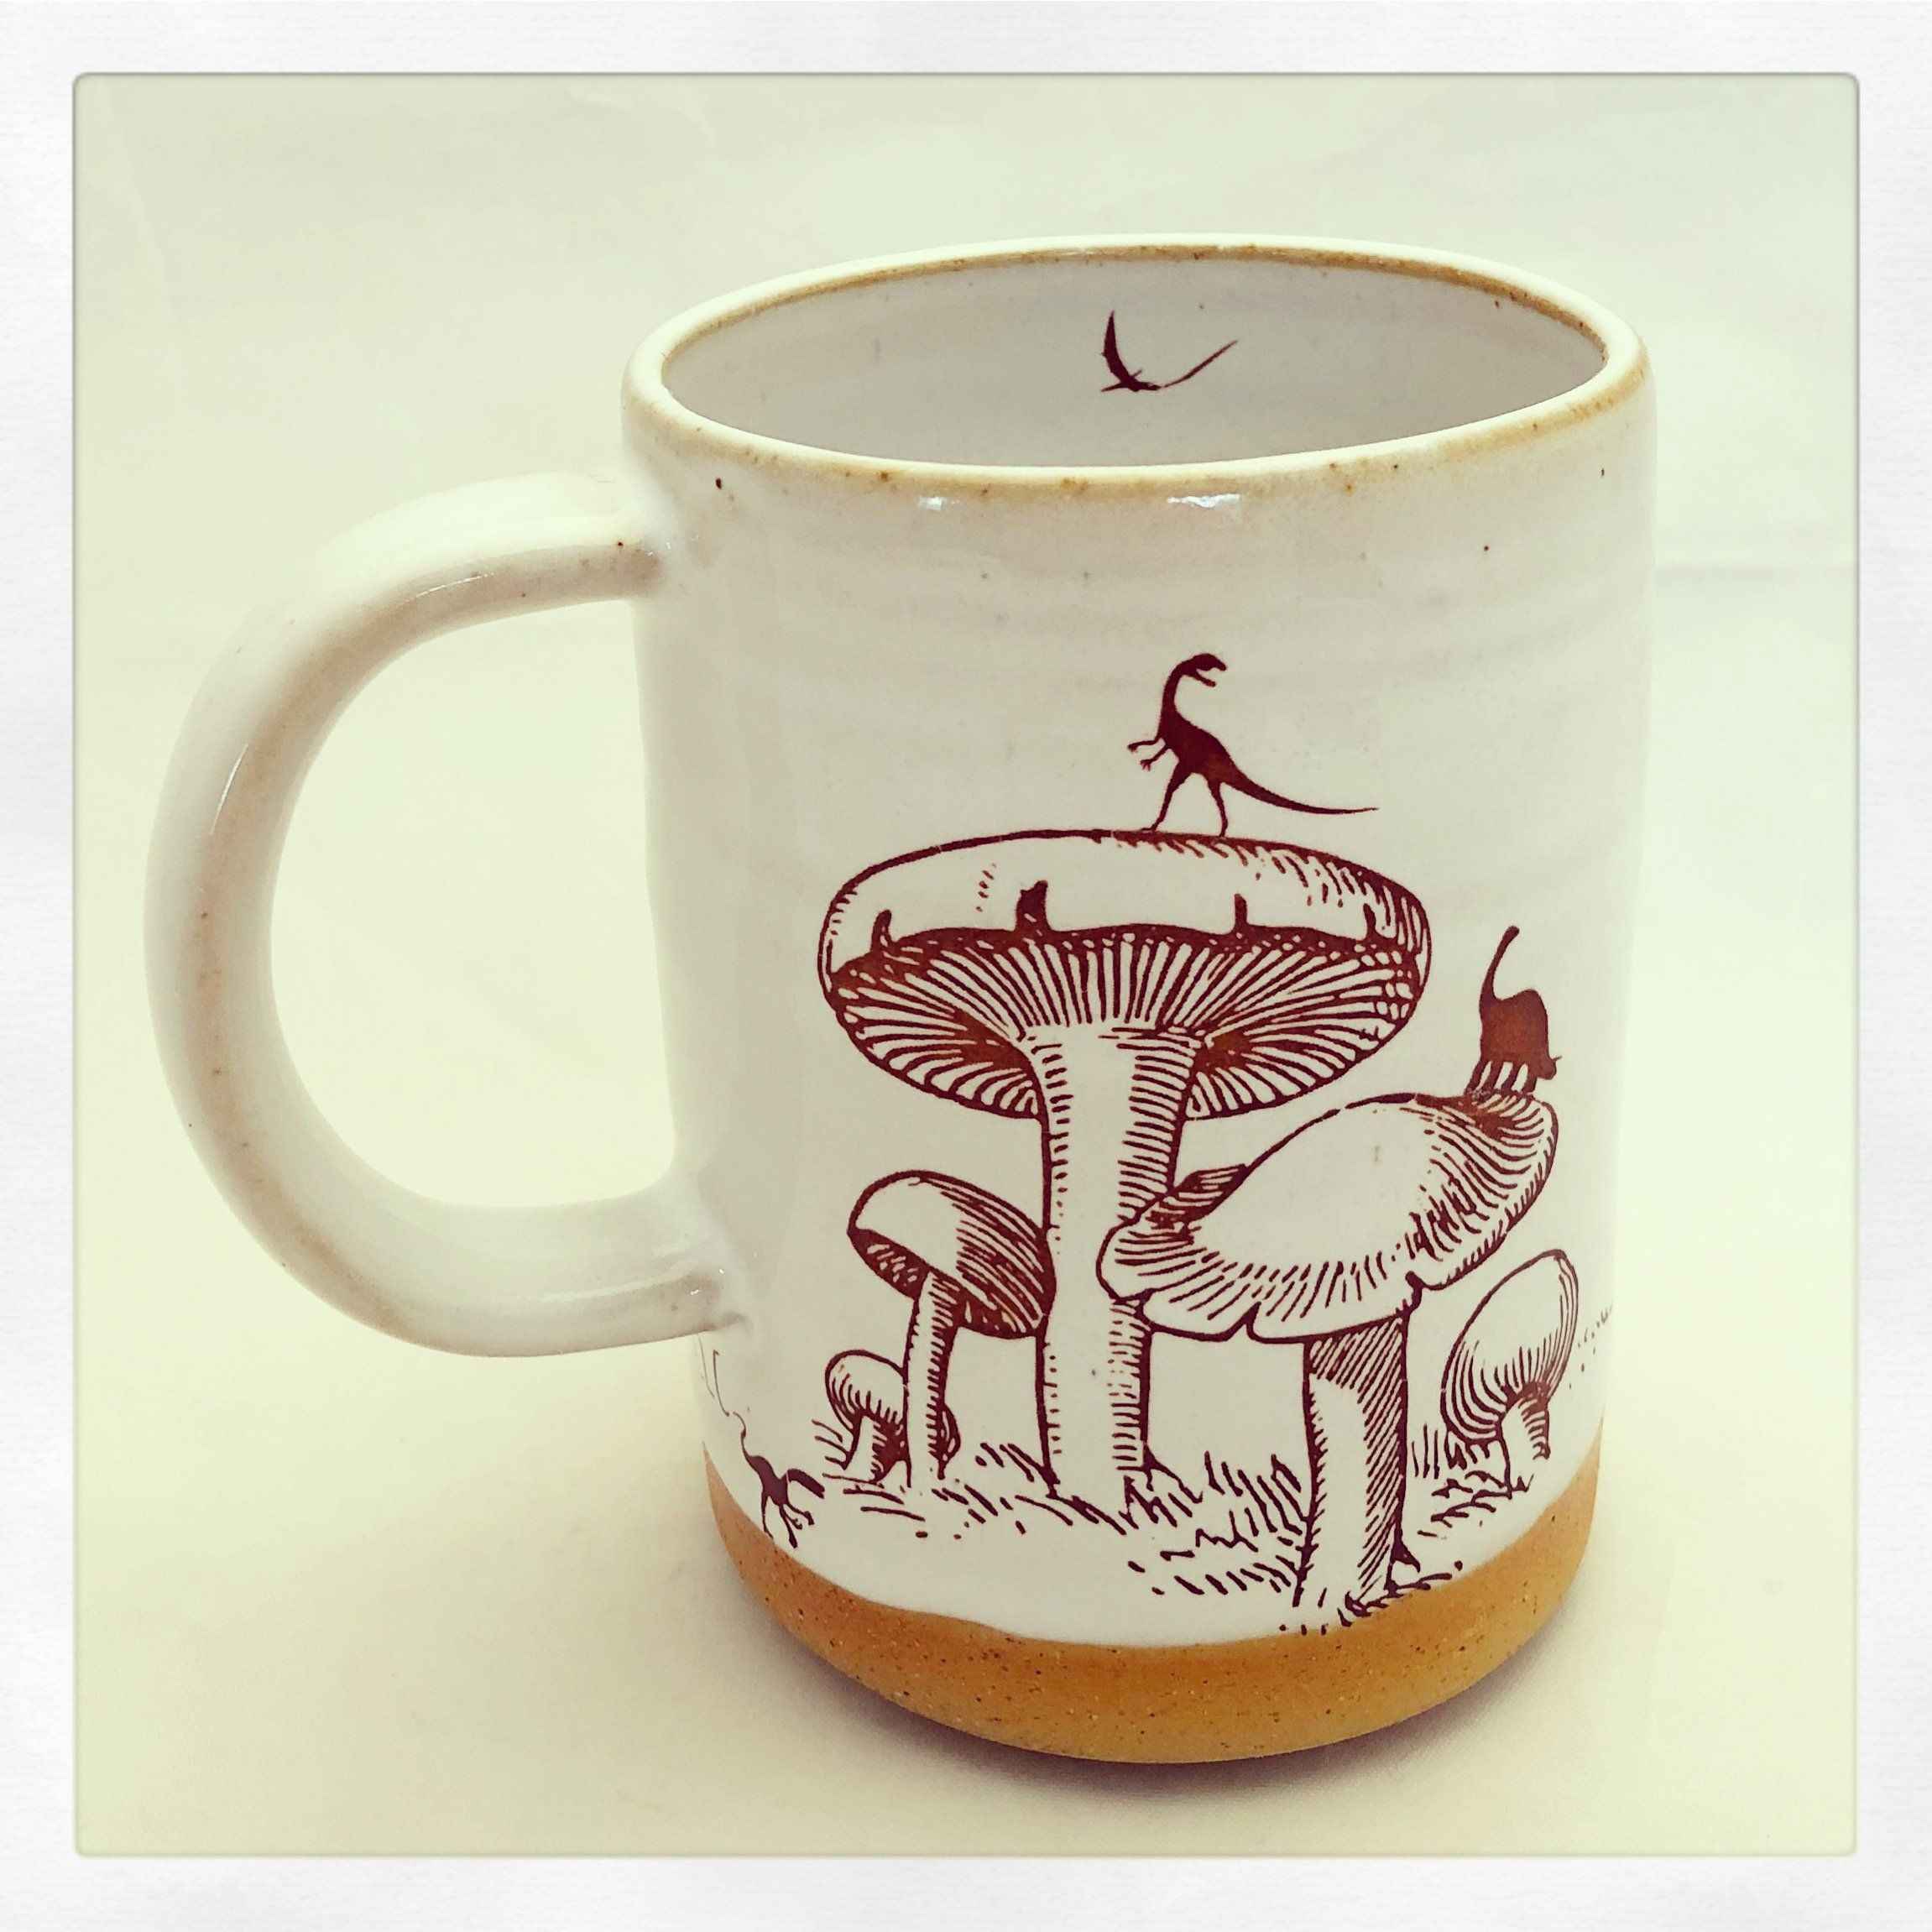 Dinosaur Island Mug by Chris Hudson and Shelly Hail (Ceramic Mug)   Artful Home